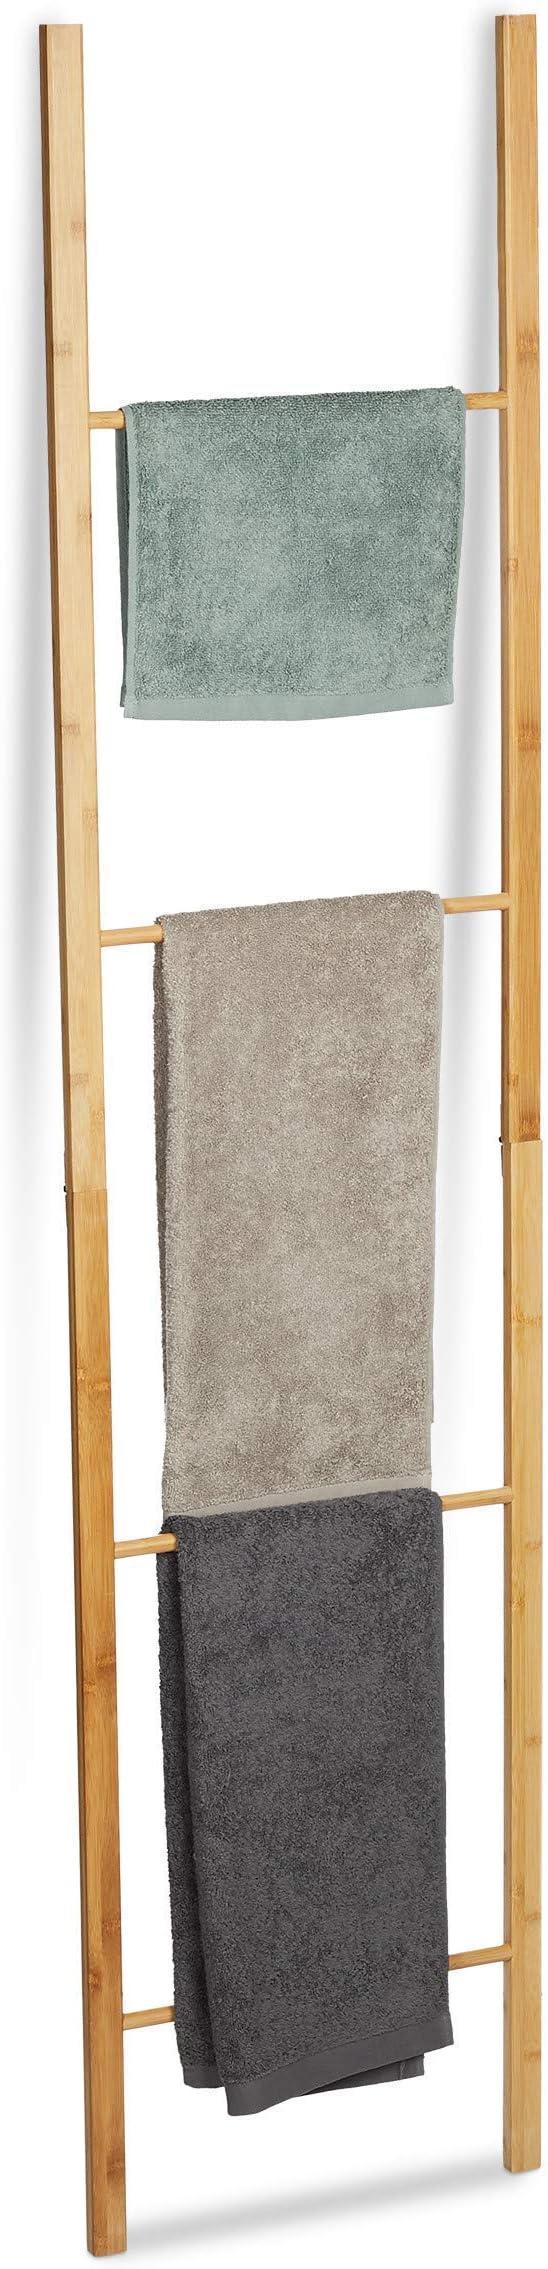 Relaxdays Bambus Handtuchleiter klappbar 4 Handtuchstangen Handtuchständer zum Hinstellen HBT 180 x 42 x 2 cm Natur Größe